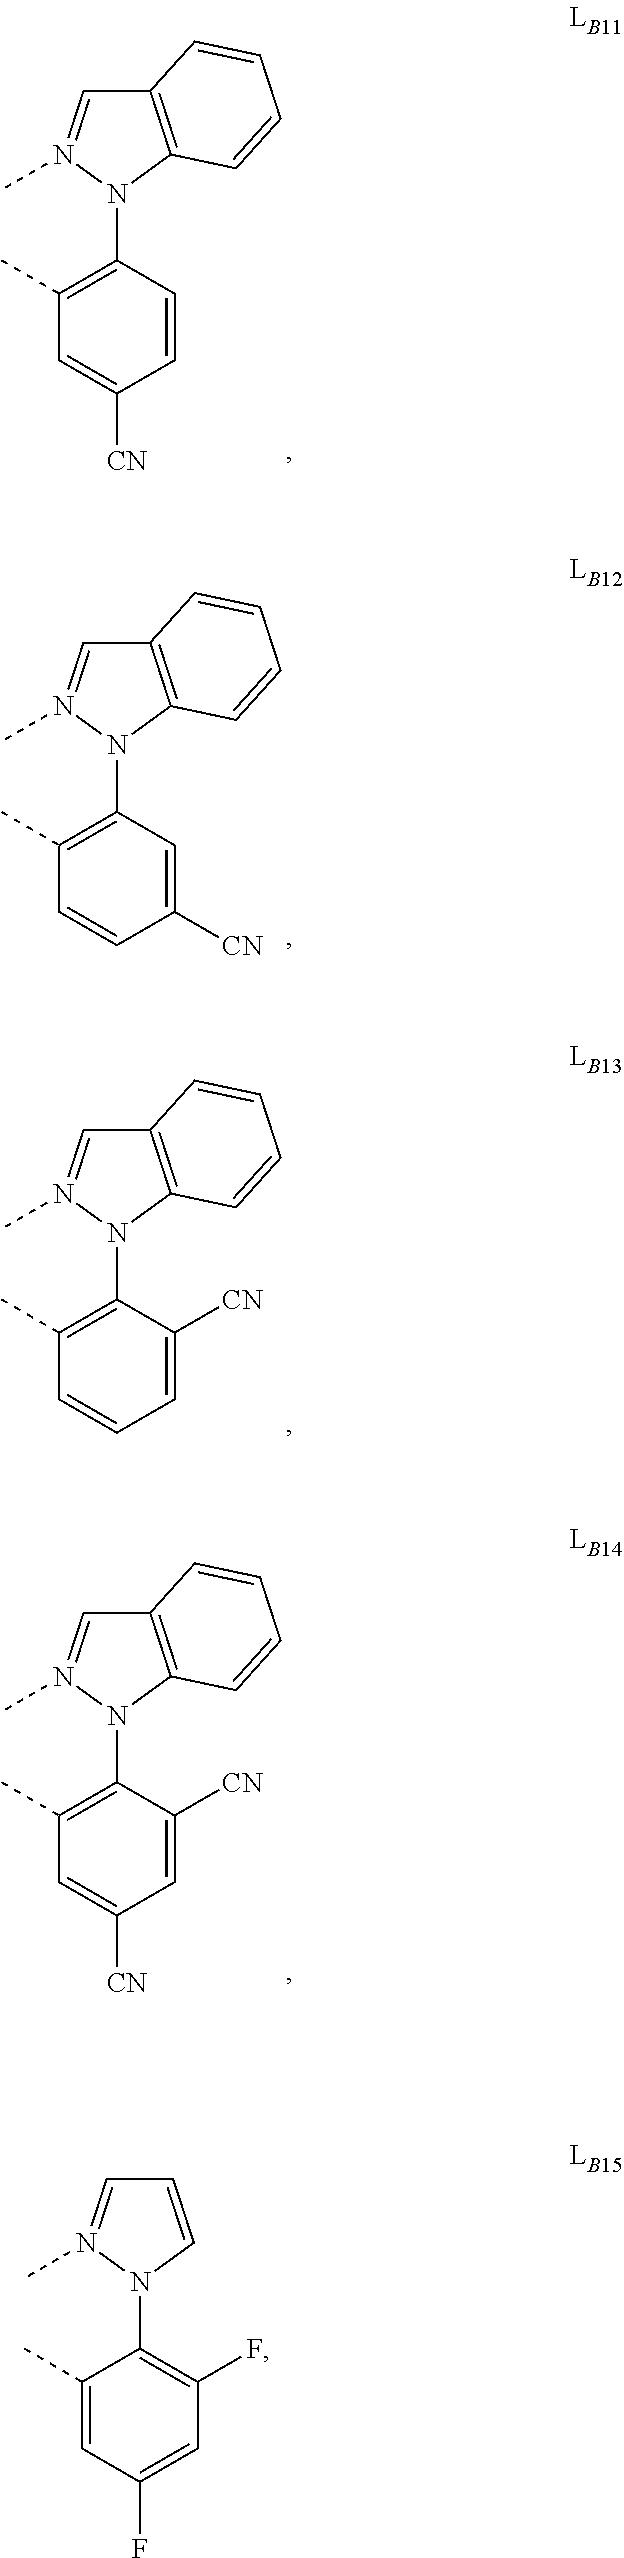 Figure US09905785-20180227-C00559